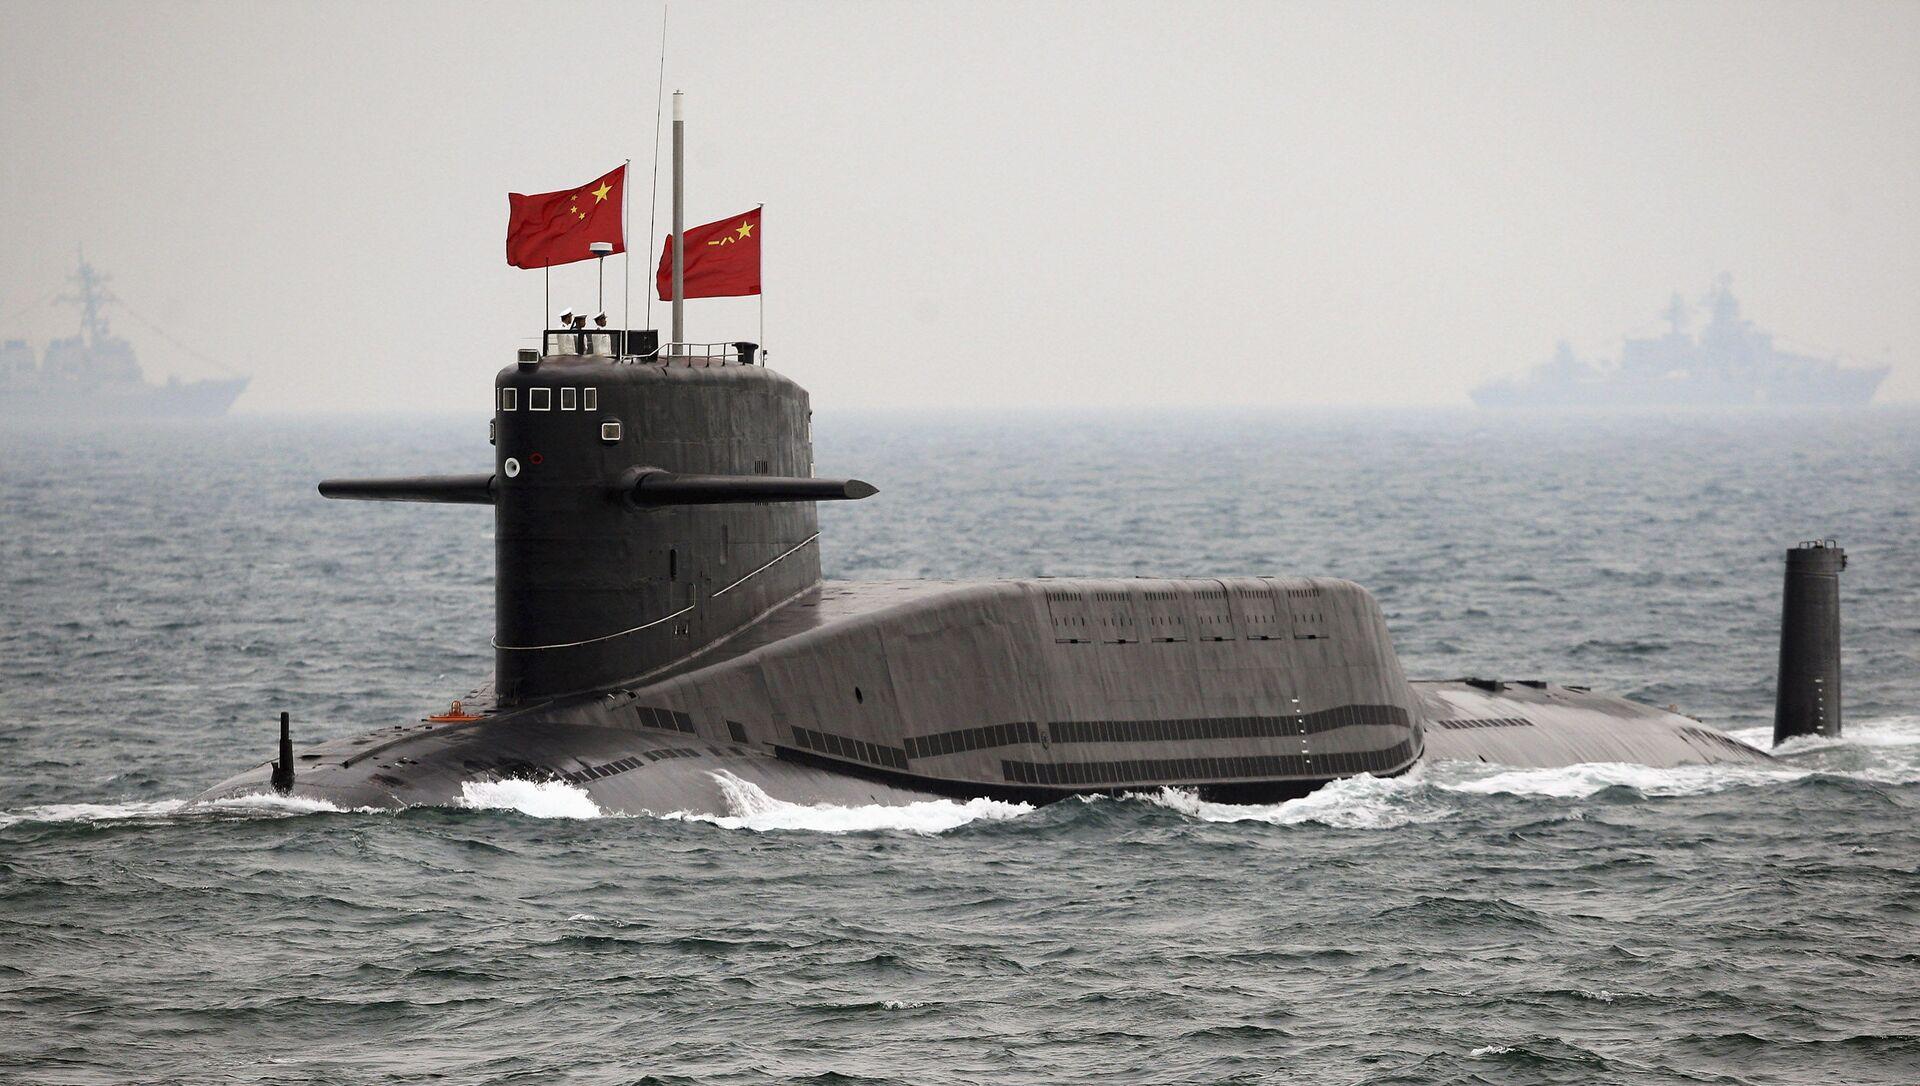 Tàu ngầm hạt nhân của Trung Quốc - Sputnik Việt Nam, 1920, 13.05.2021